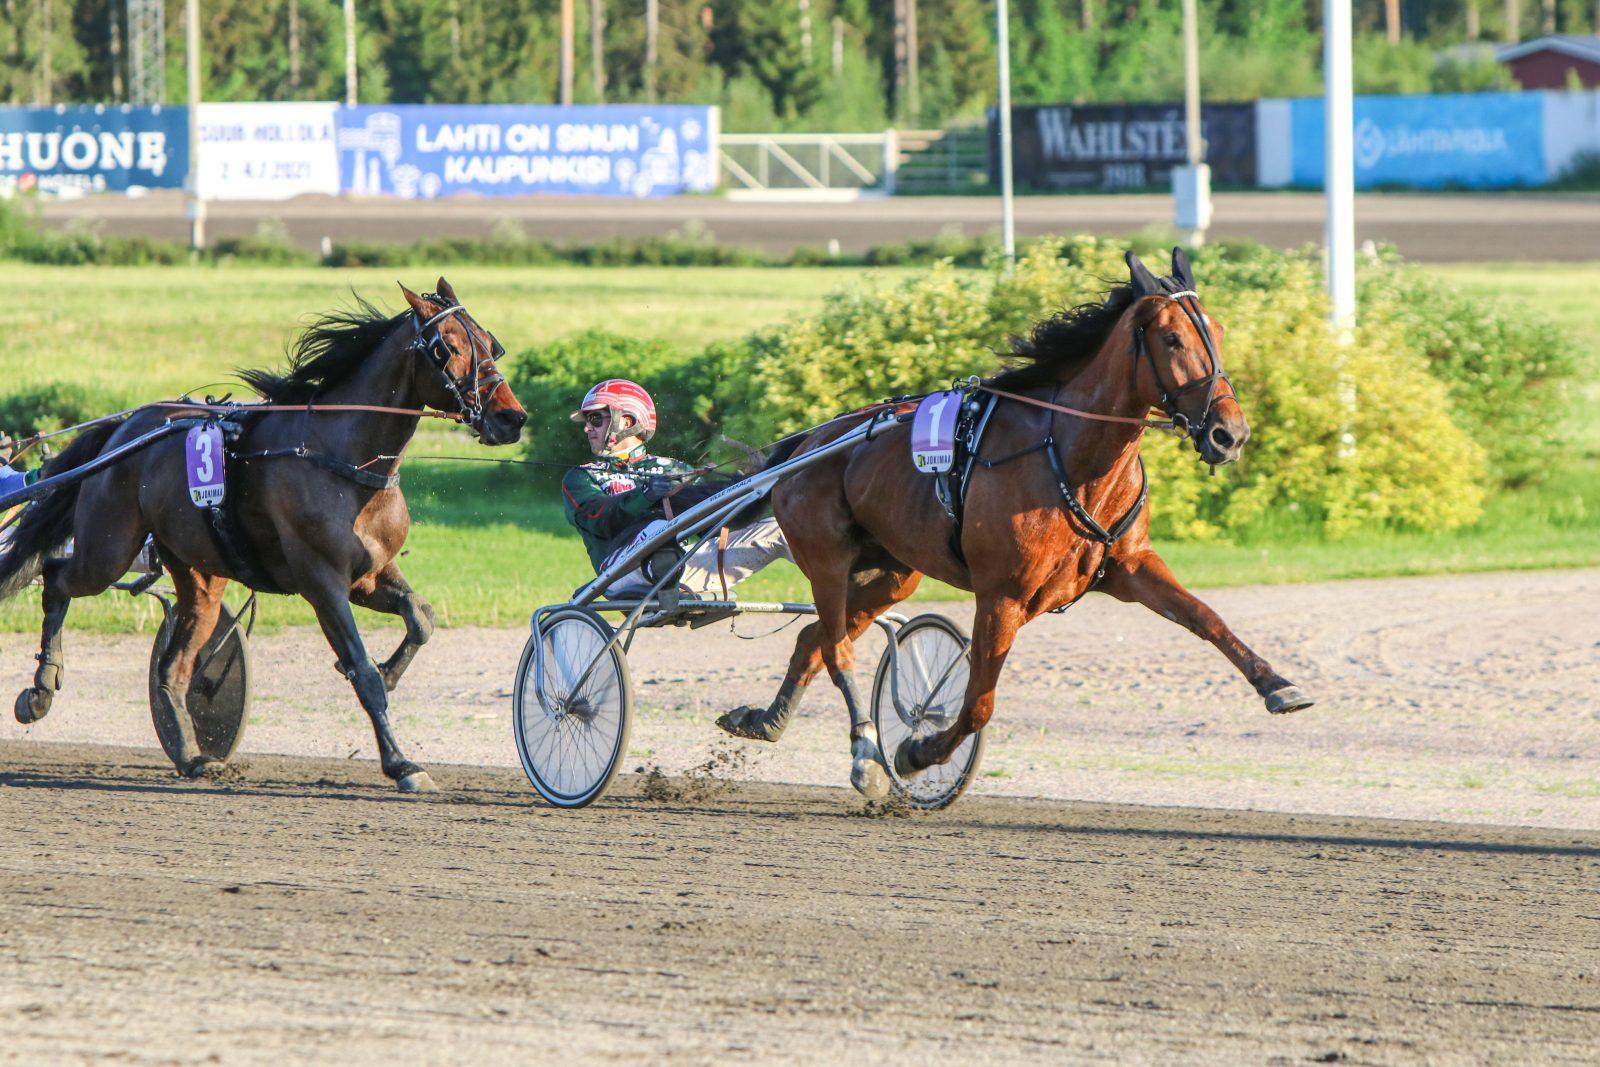 Lake's Action on toinen Ville Hakalan valmentamista Suur-Hollola -välieriin starttaavista hevosista. Kuva:Hippos/Juho Hämäläinen